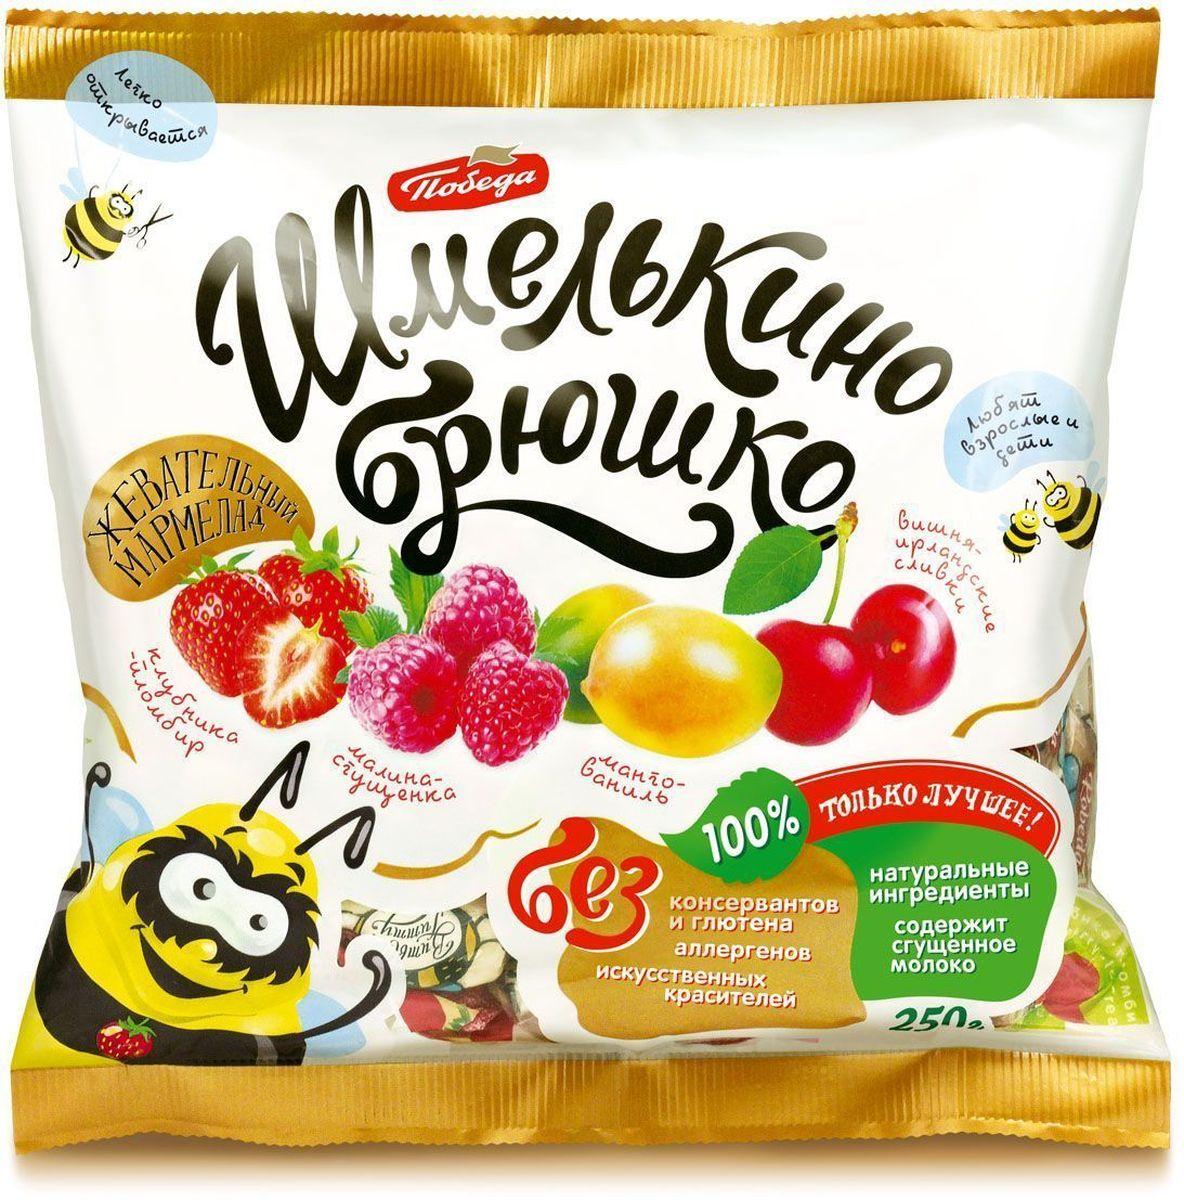 Победа вкуса Шмелькино Брюшко: микс жевательный мармелад, 250 г0120710Мягкий, ароматный, современный жевательный мармелад, приготовленный в сочетании насыщенного фруктового и приятного молочного вкусов. Полезен для детей и взрослых. Содержит только натуральные ингредиенты: яблочный пектин, сгущенное молоко, приготовленное по ГОСТу, качественное сливочное масло.